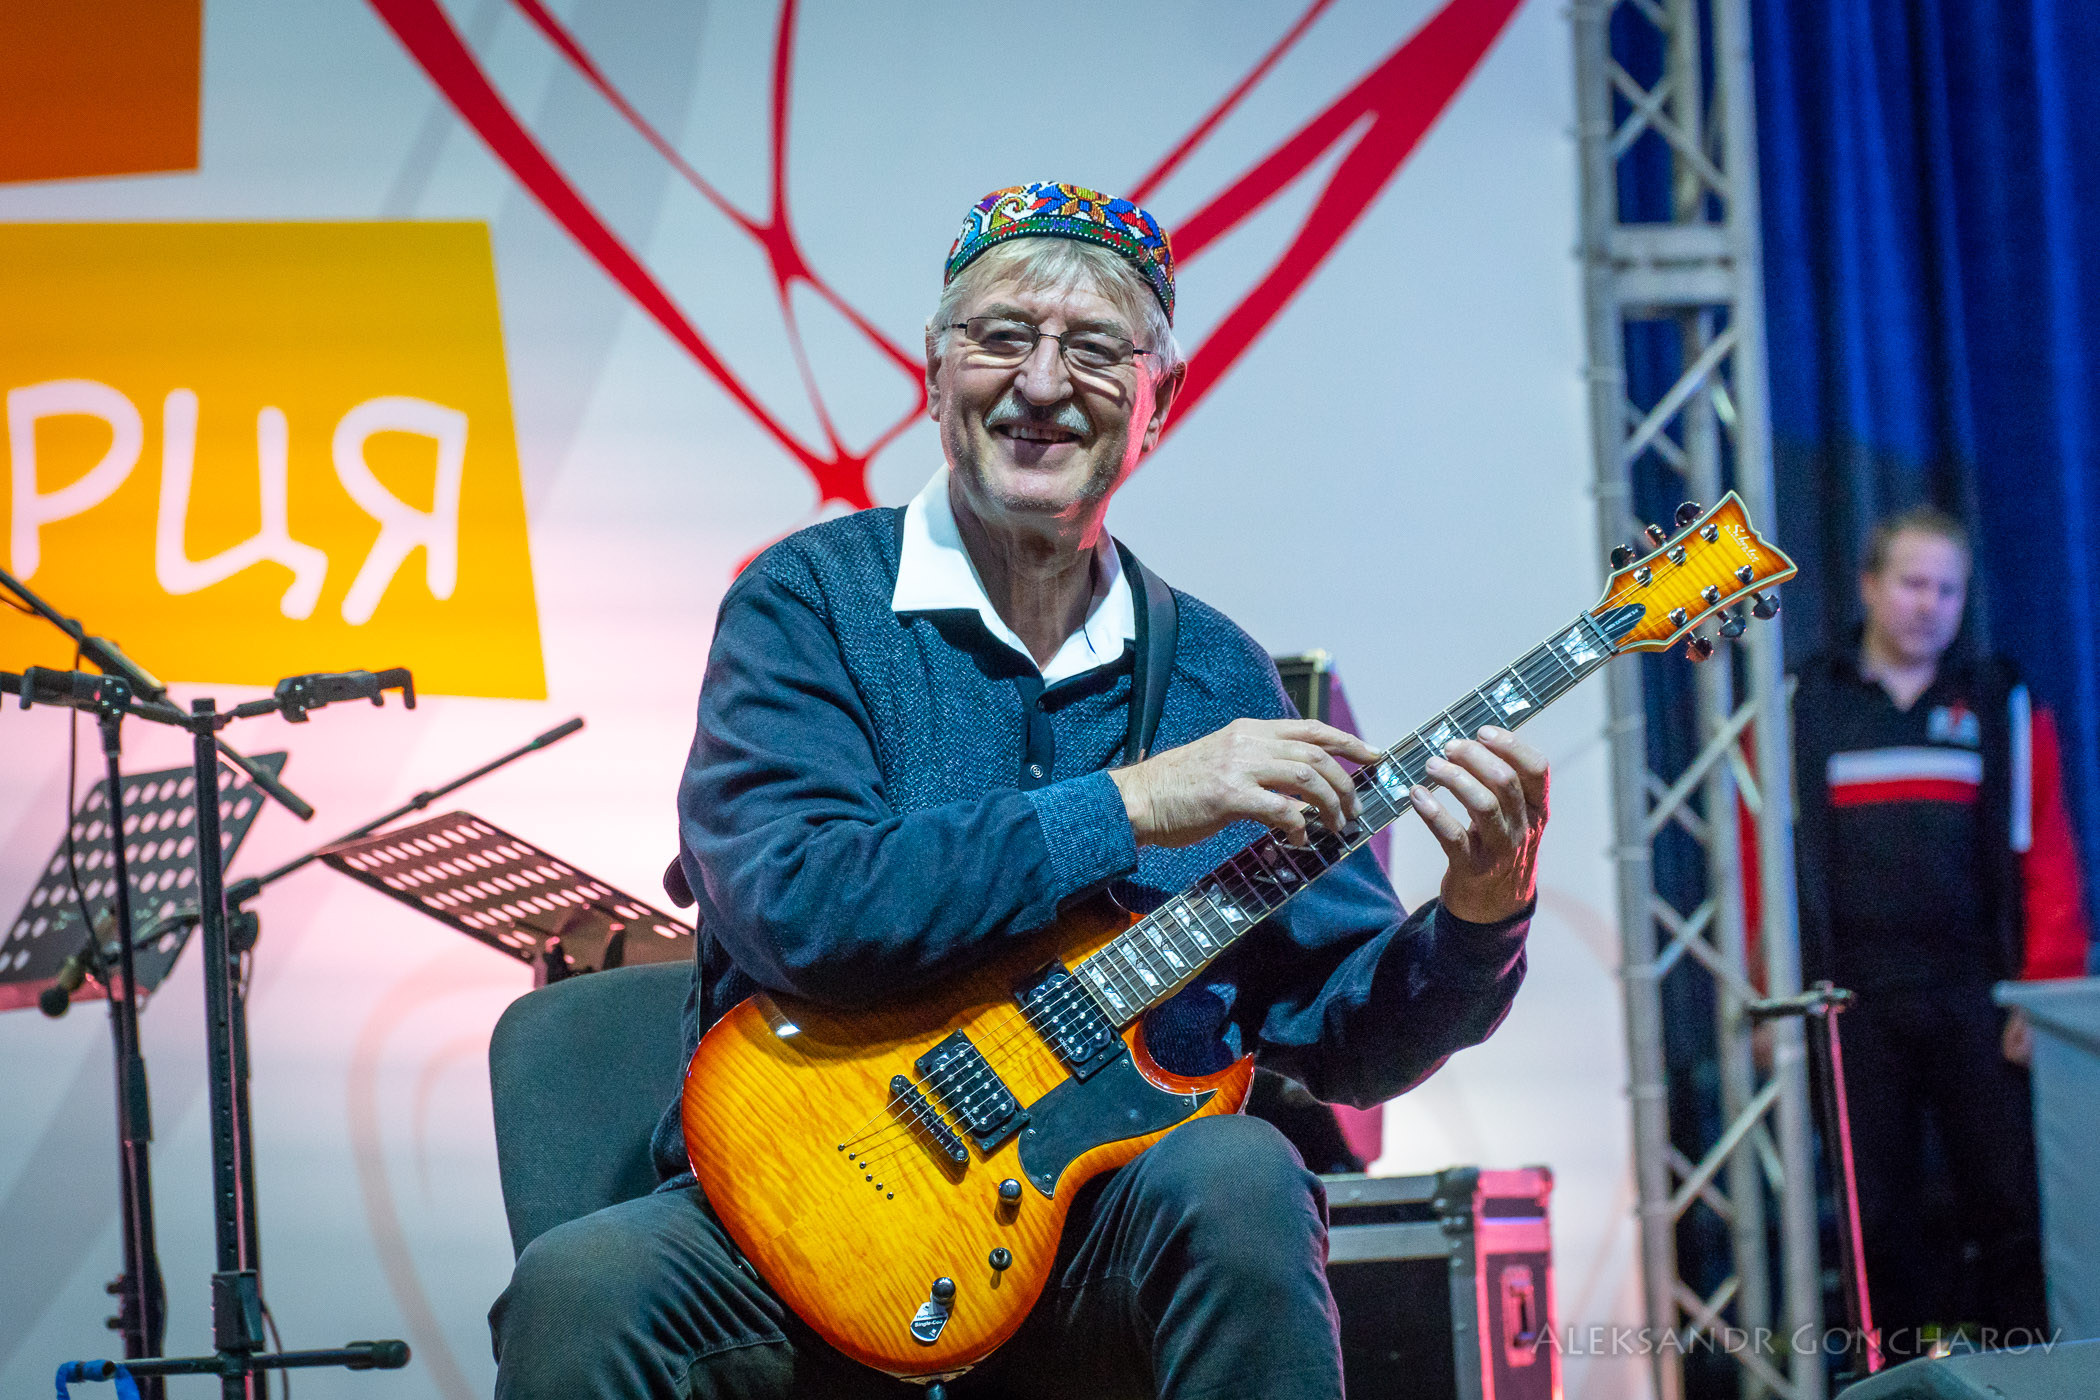 Энвер Измайлов, всемирно известный виртуоз-гитарист